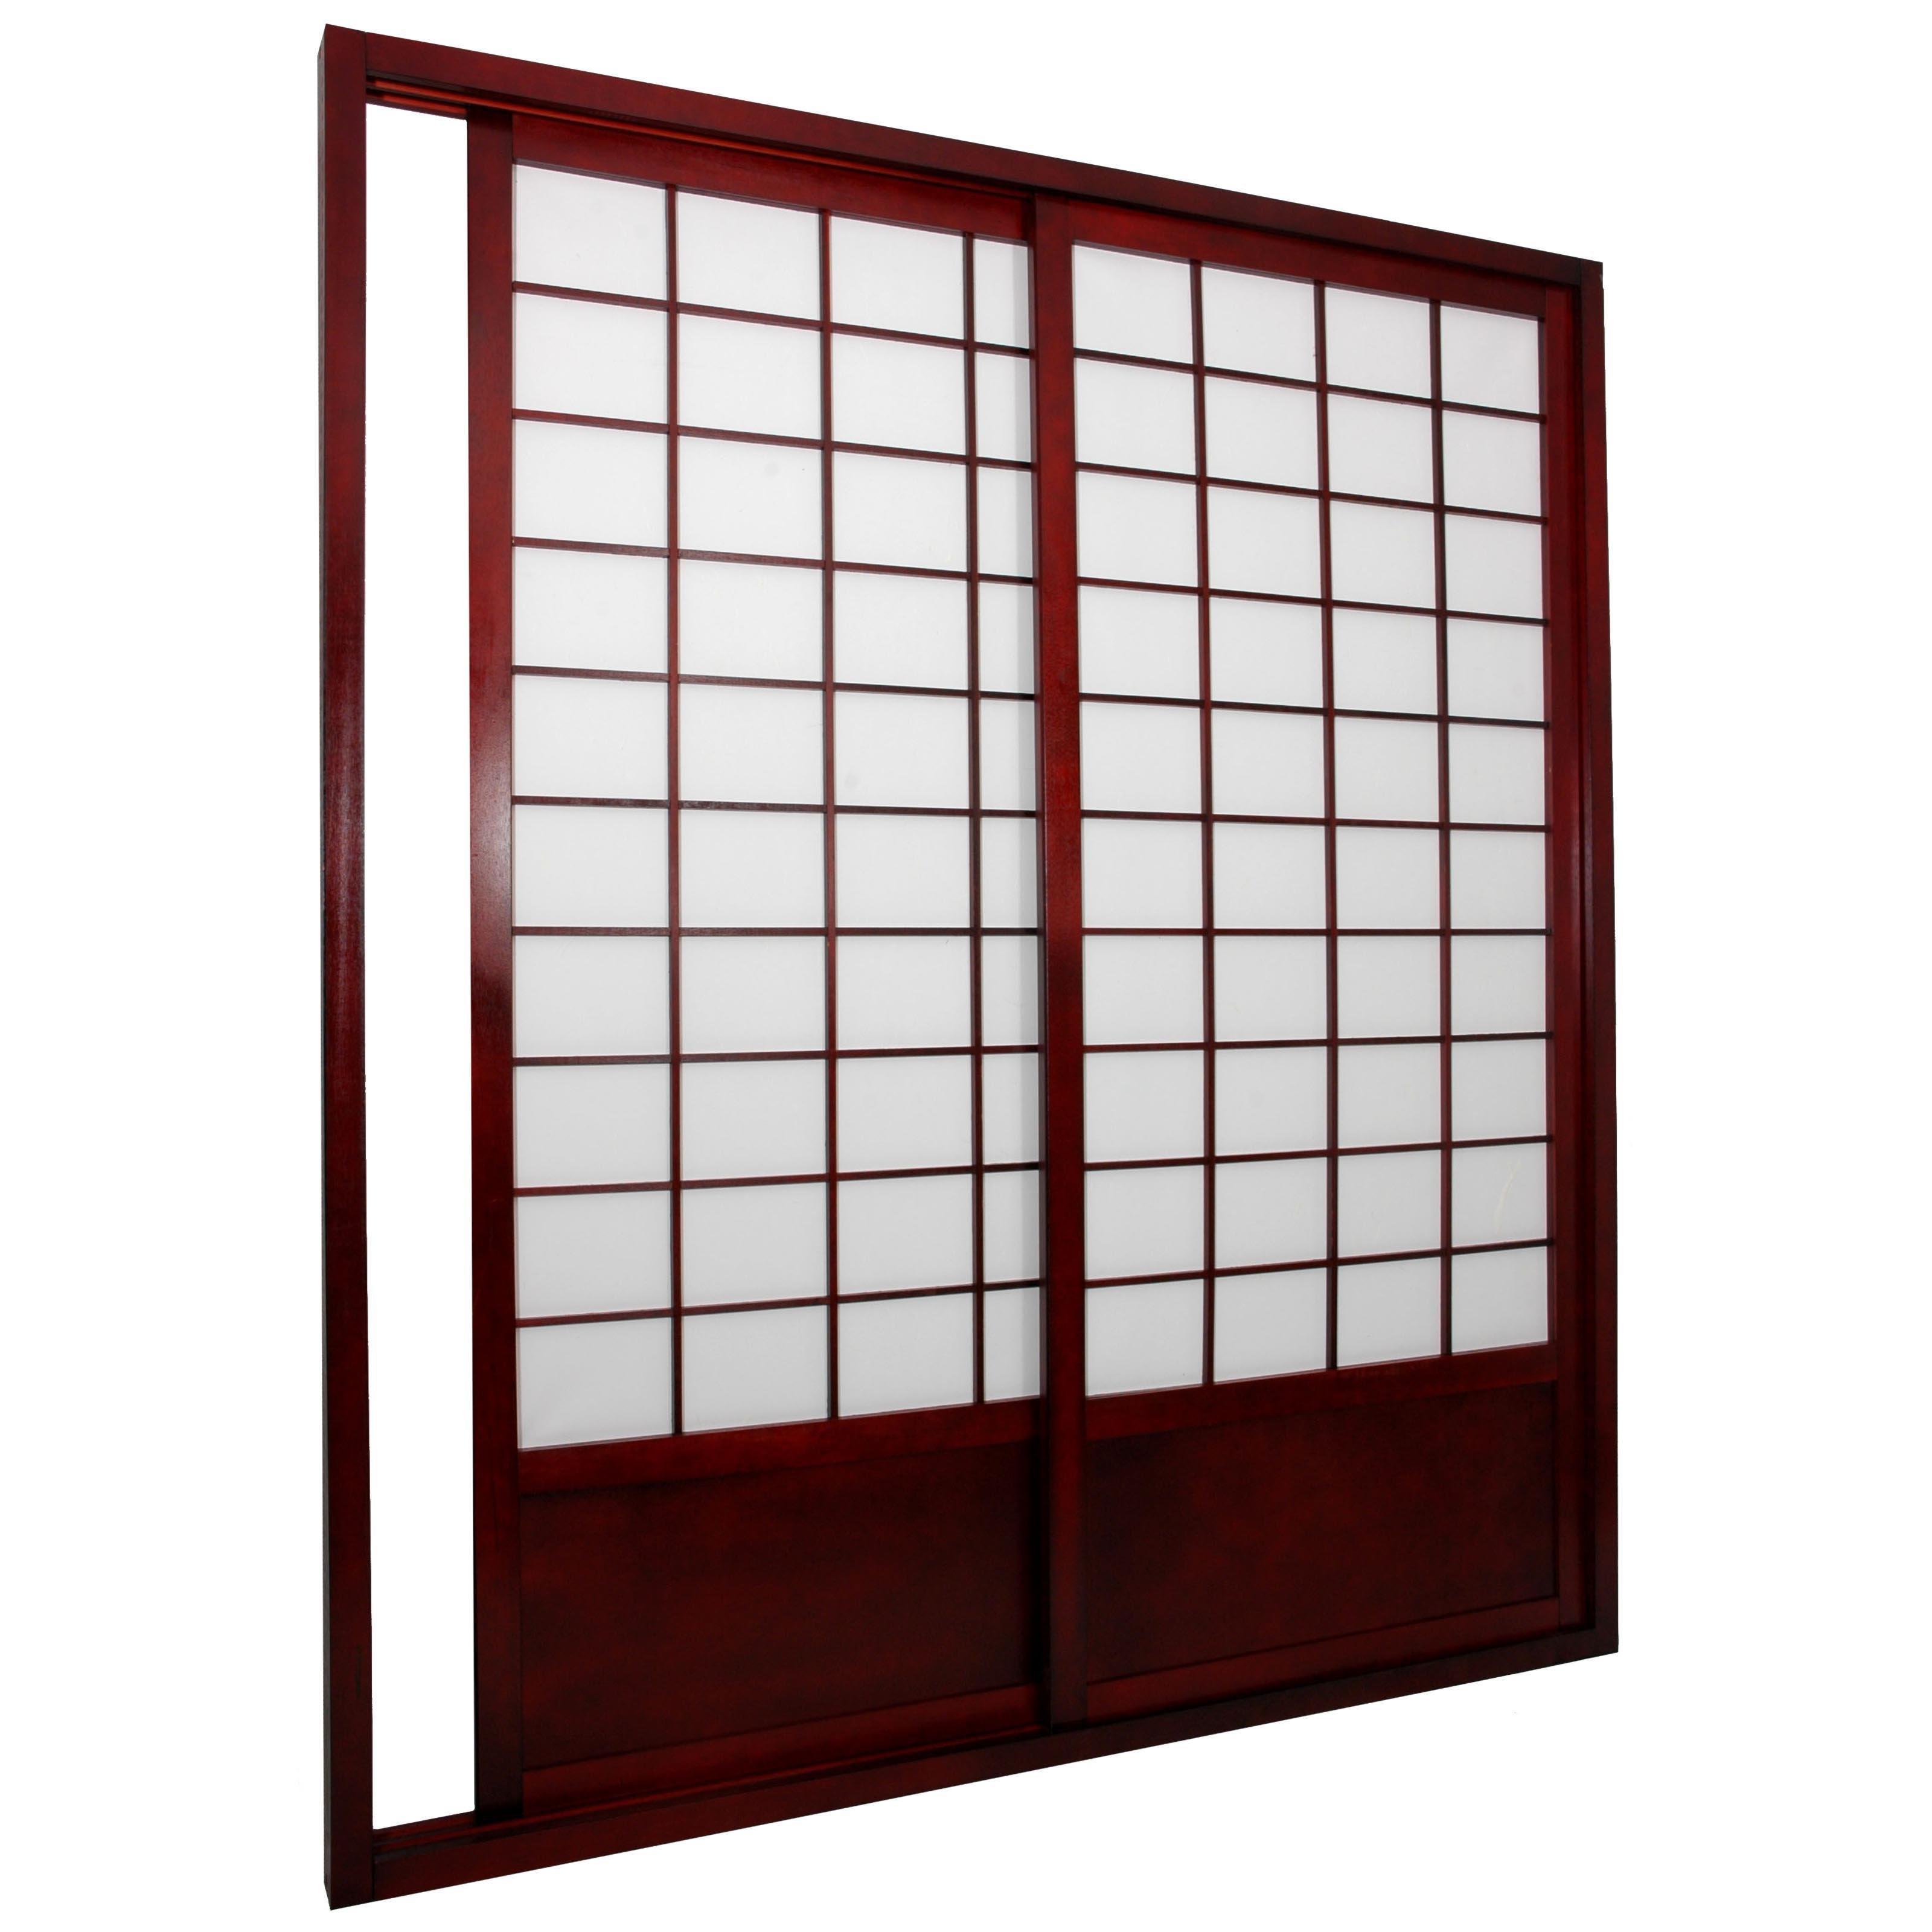 Shoji Double Sided Sliding Door Kit Room Divideroriental furniture shoji double sided sliding door kit room